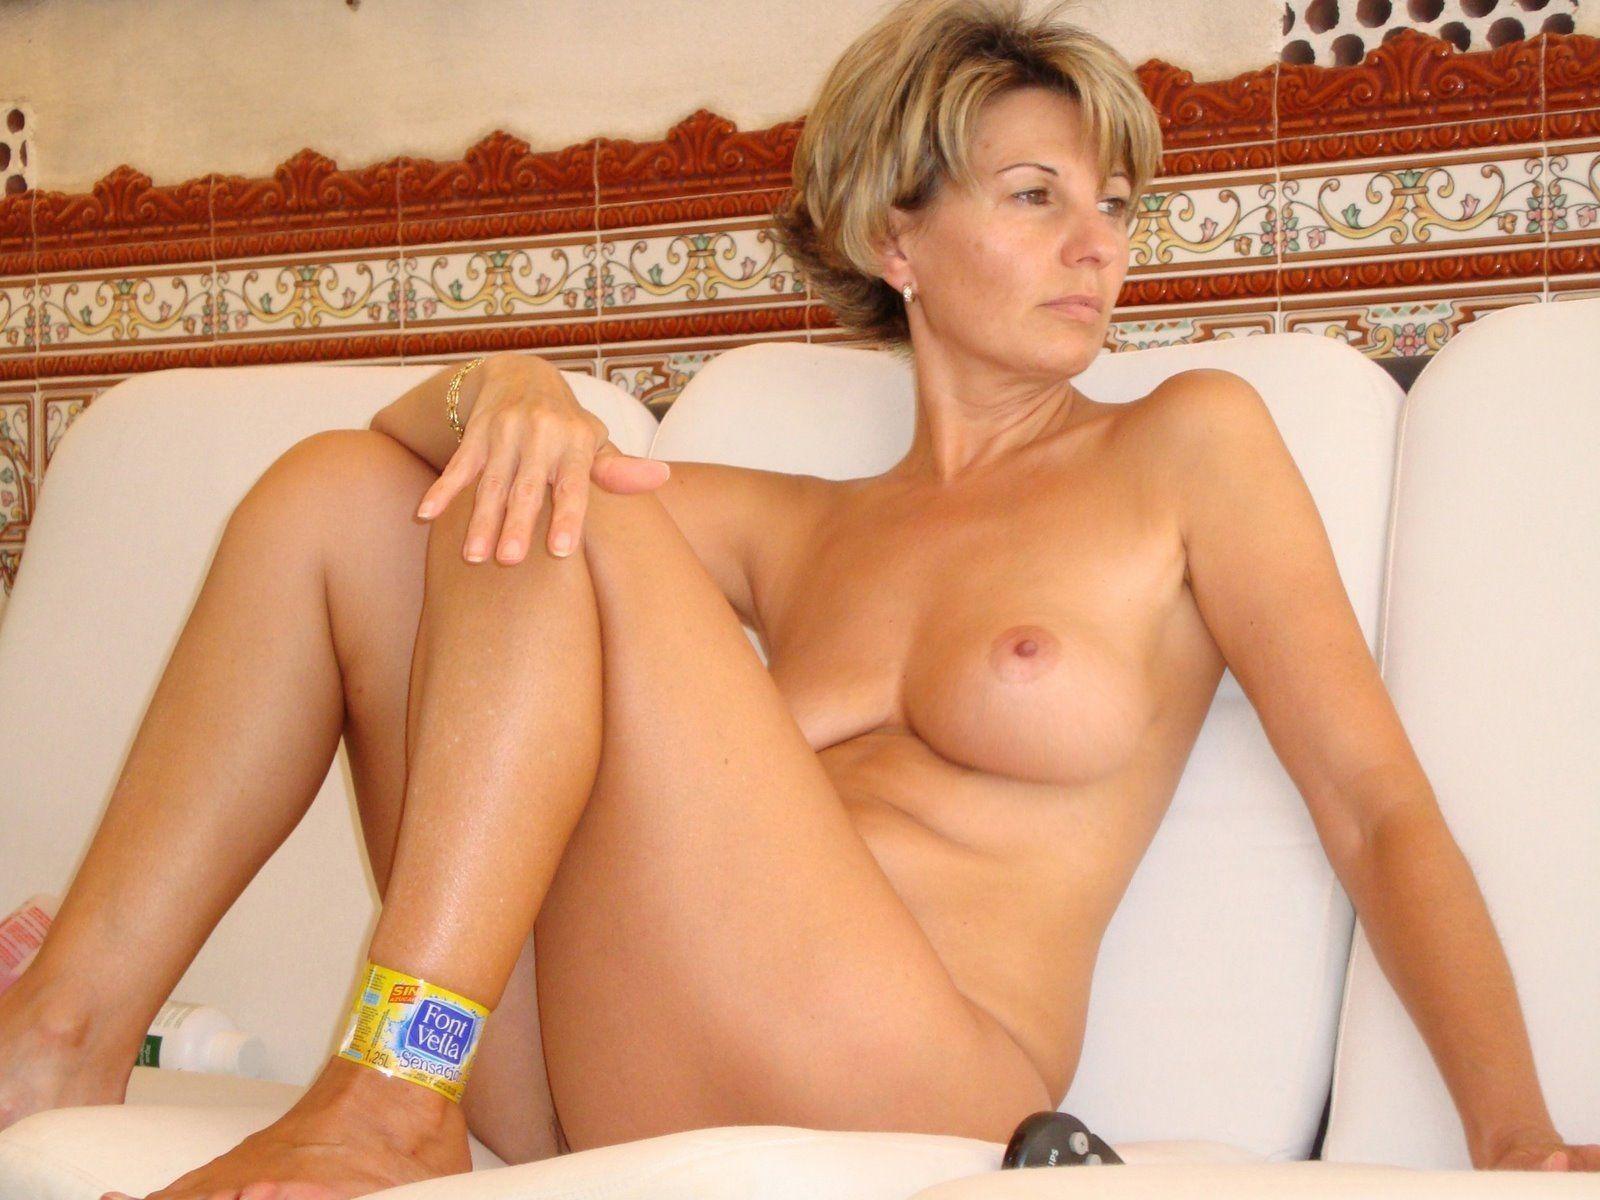 Фото голых баб от 56 лет, Голые женщины за 50 лет (38 фото) 4 фотография